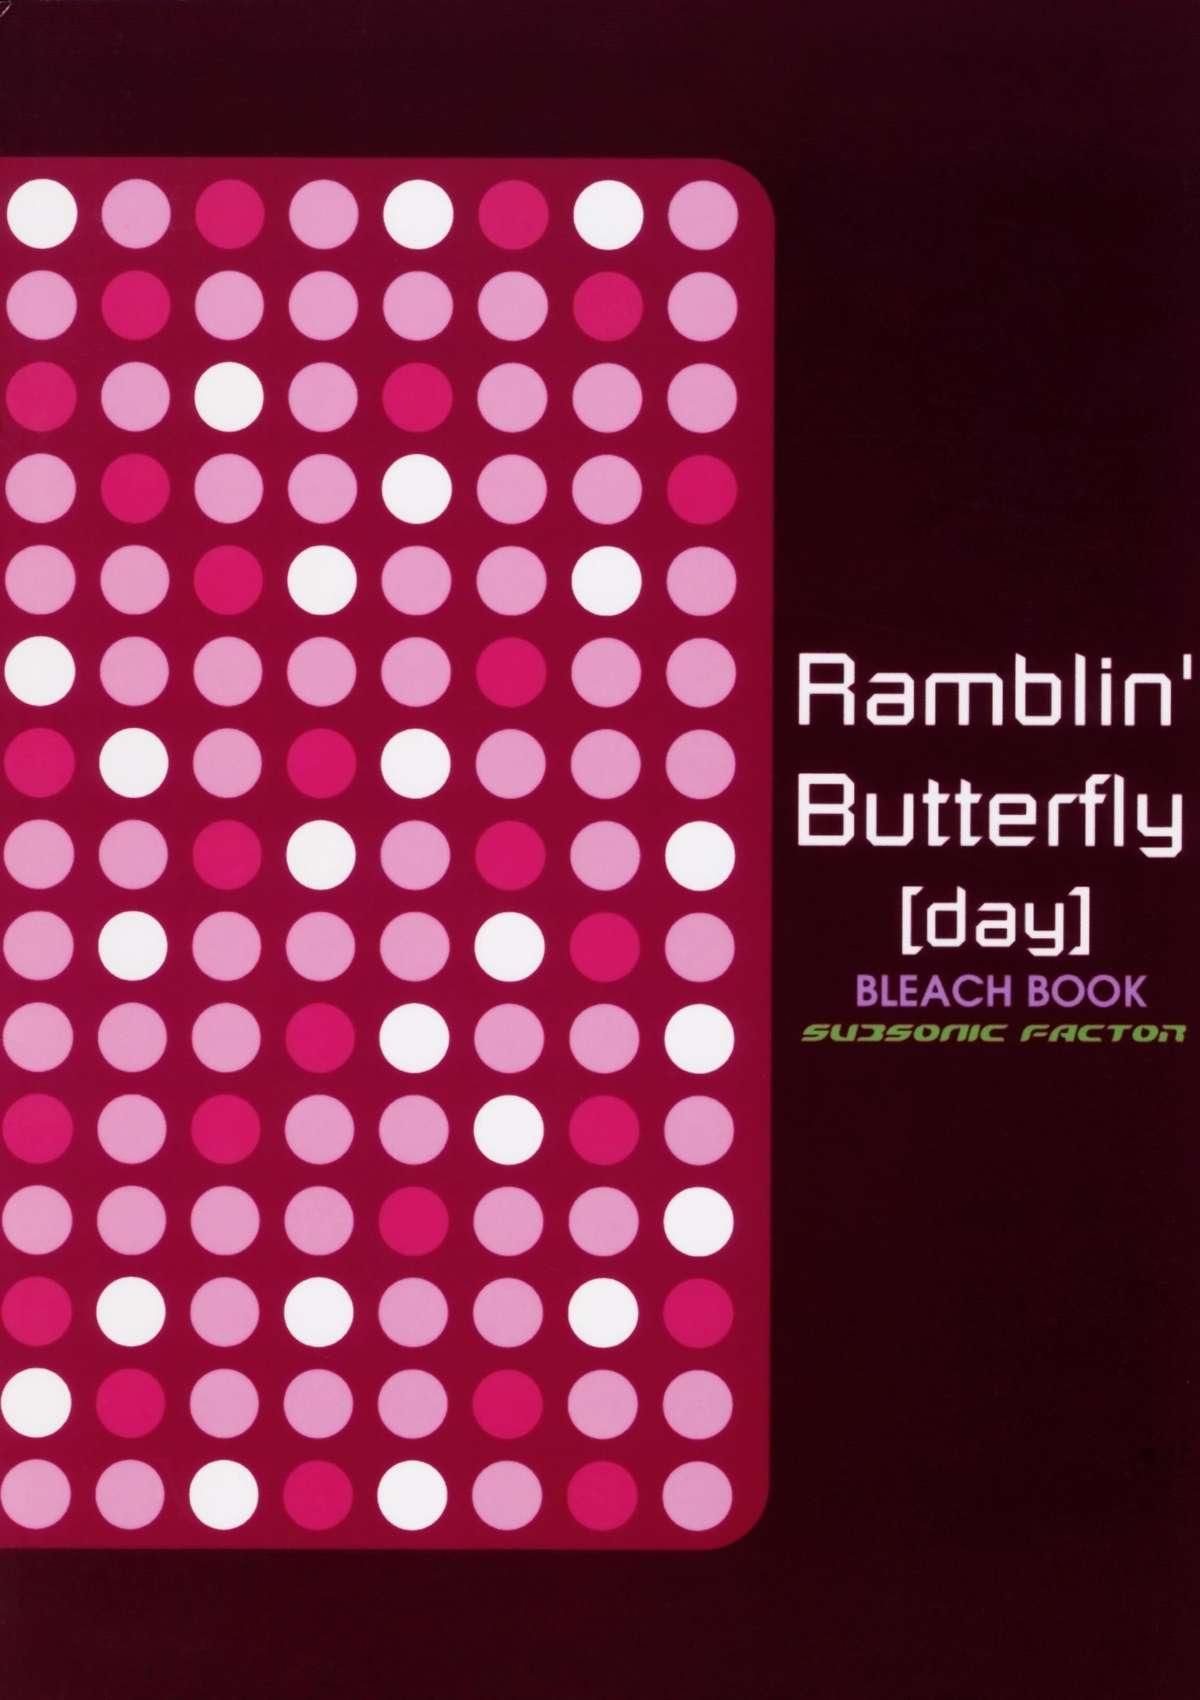 Ramblin' Butterfly 21